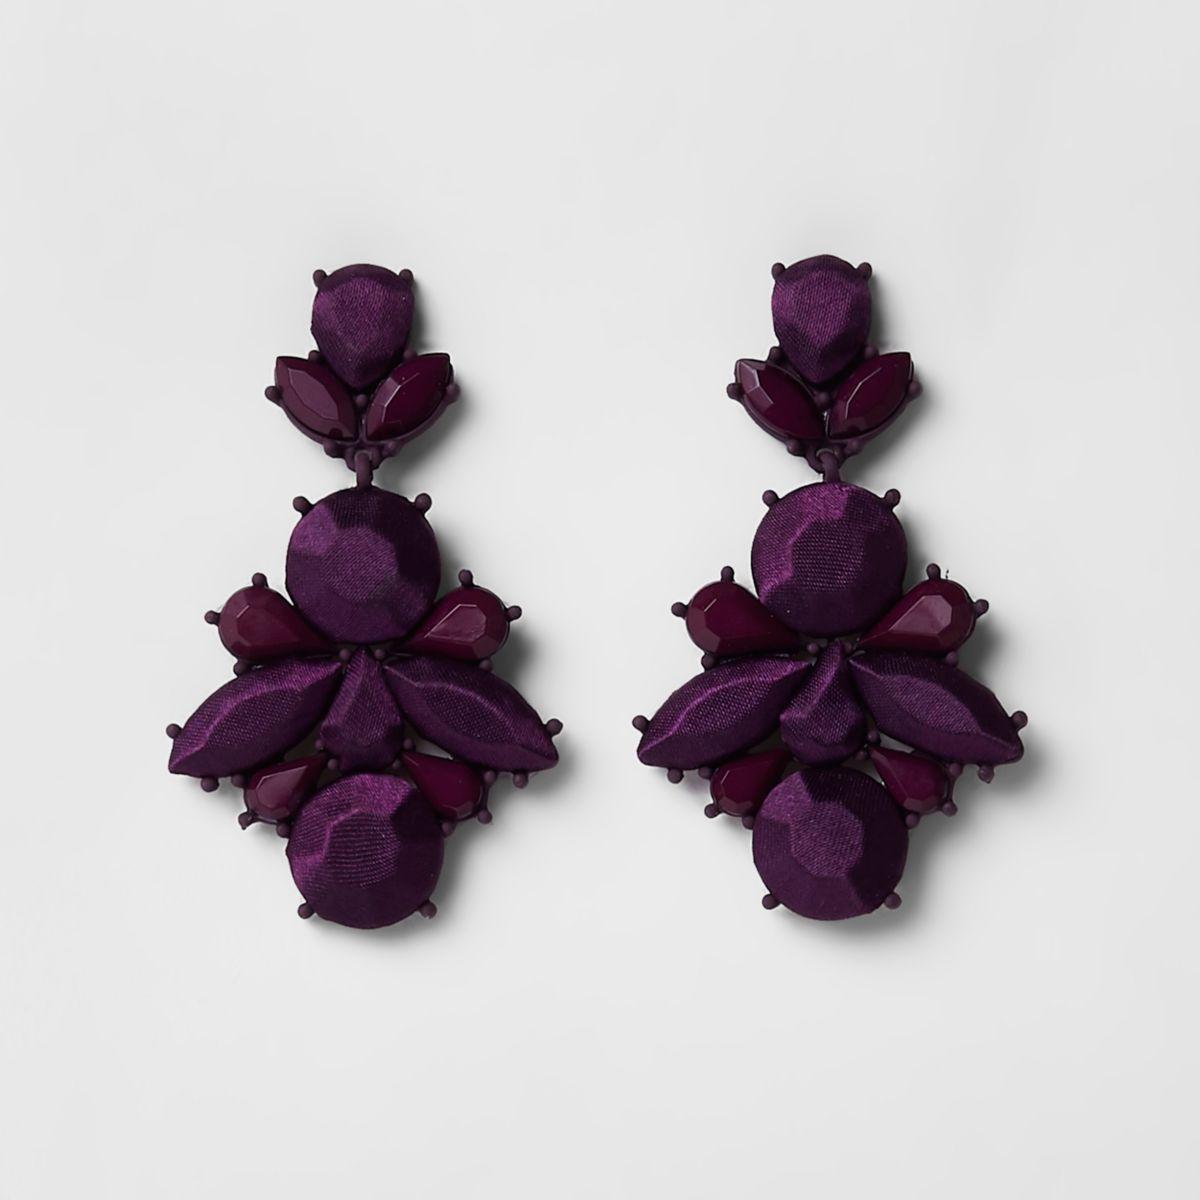 Purple satin jewel drop stud earrings